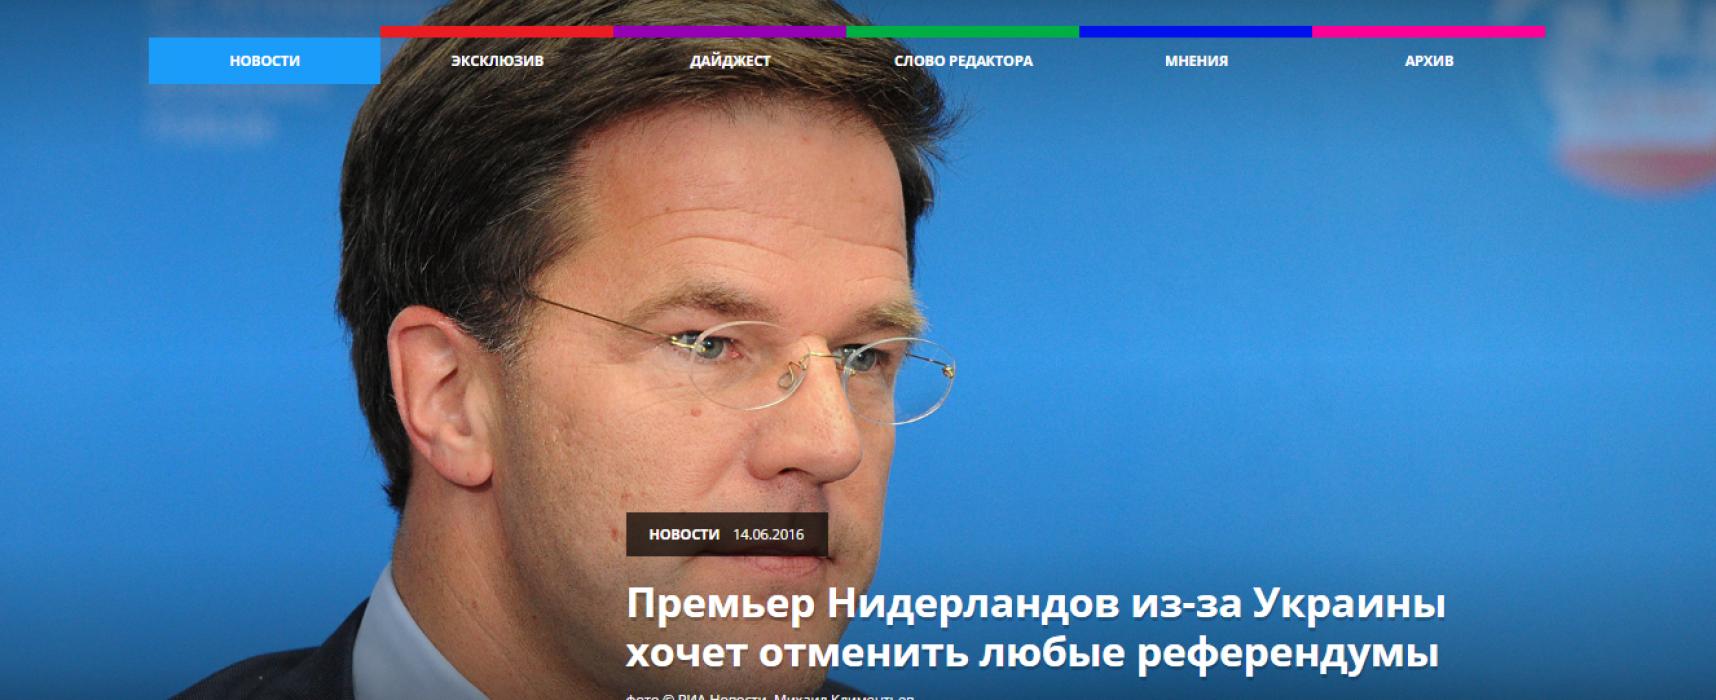 Fake: Mark Rutte wil alle referenda verbieden vanwege het Oekraïne-referendum